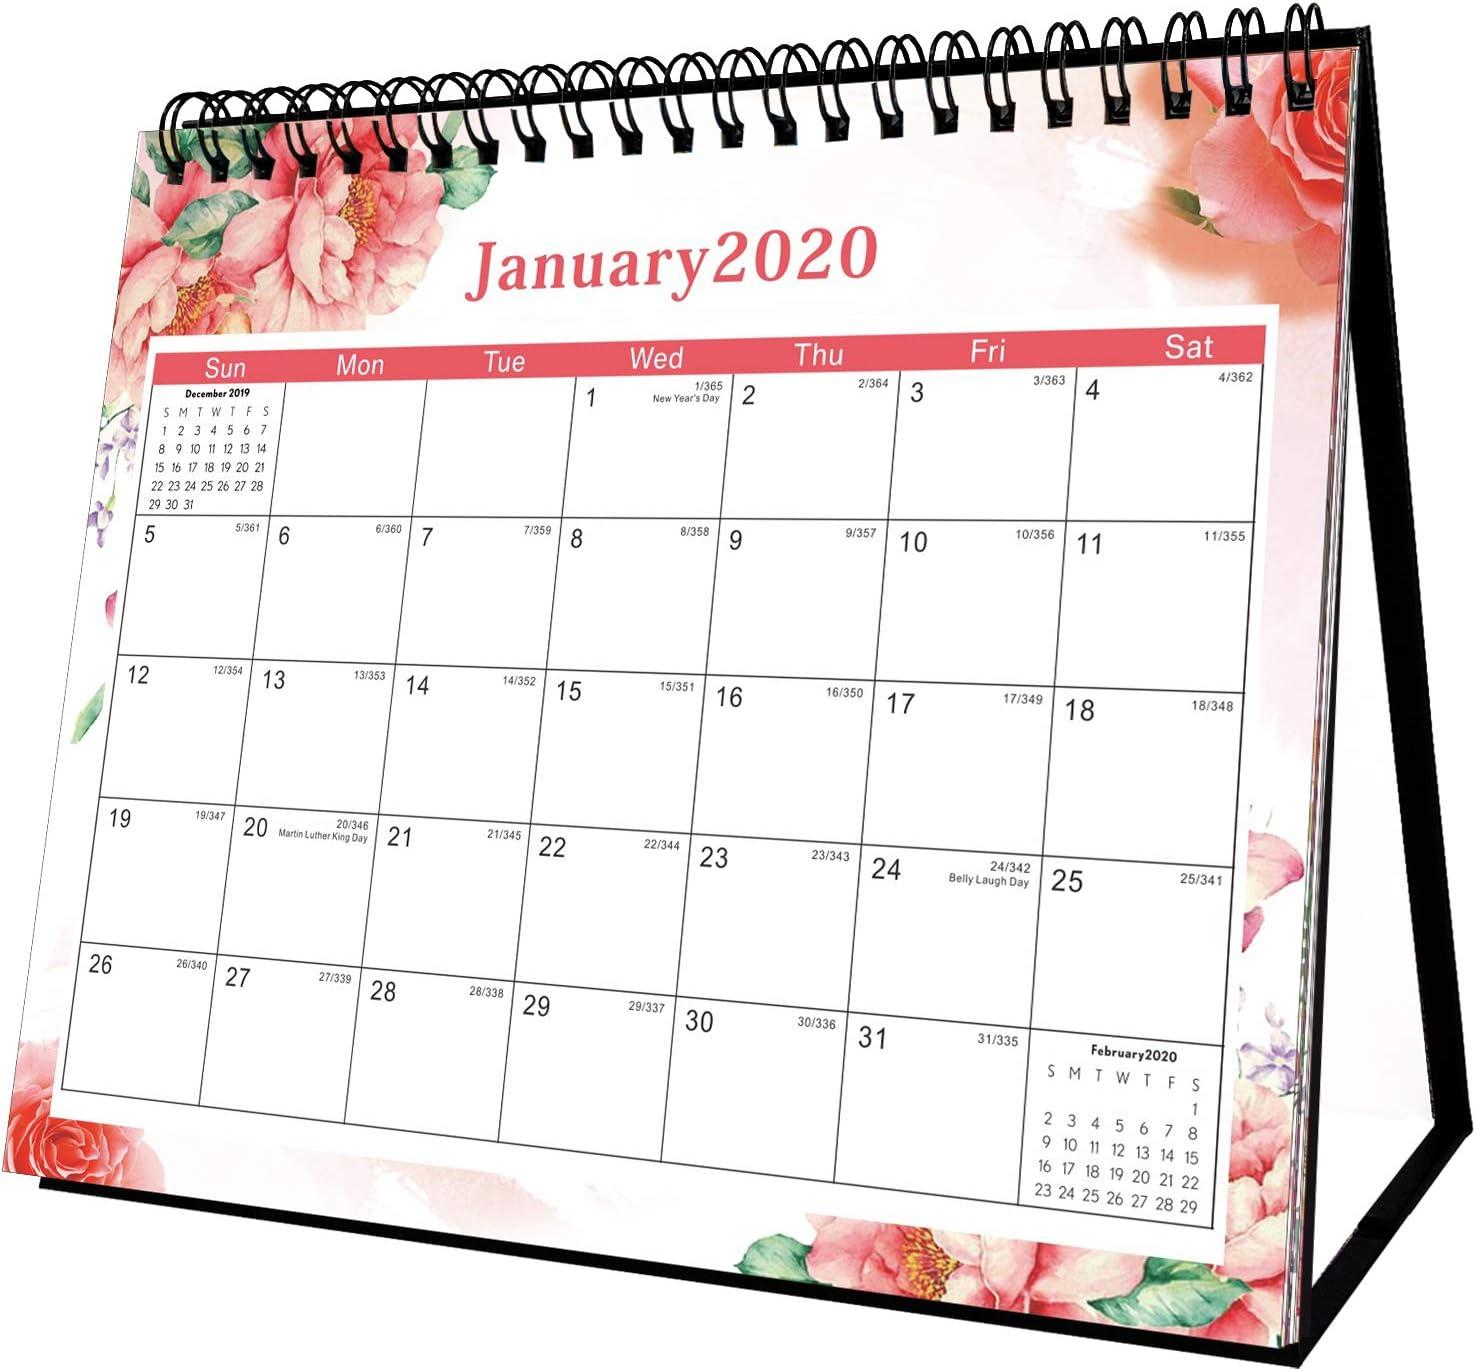 Desktop Calendar - Stand Up Desk Calendar 2020,12 Months Desk Calendar Small Desktop Calender